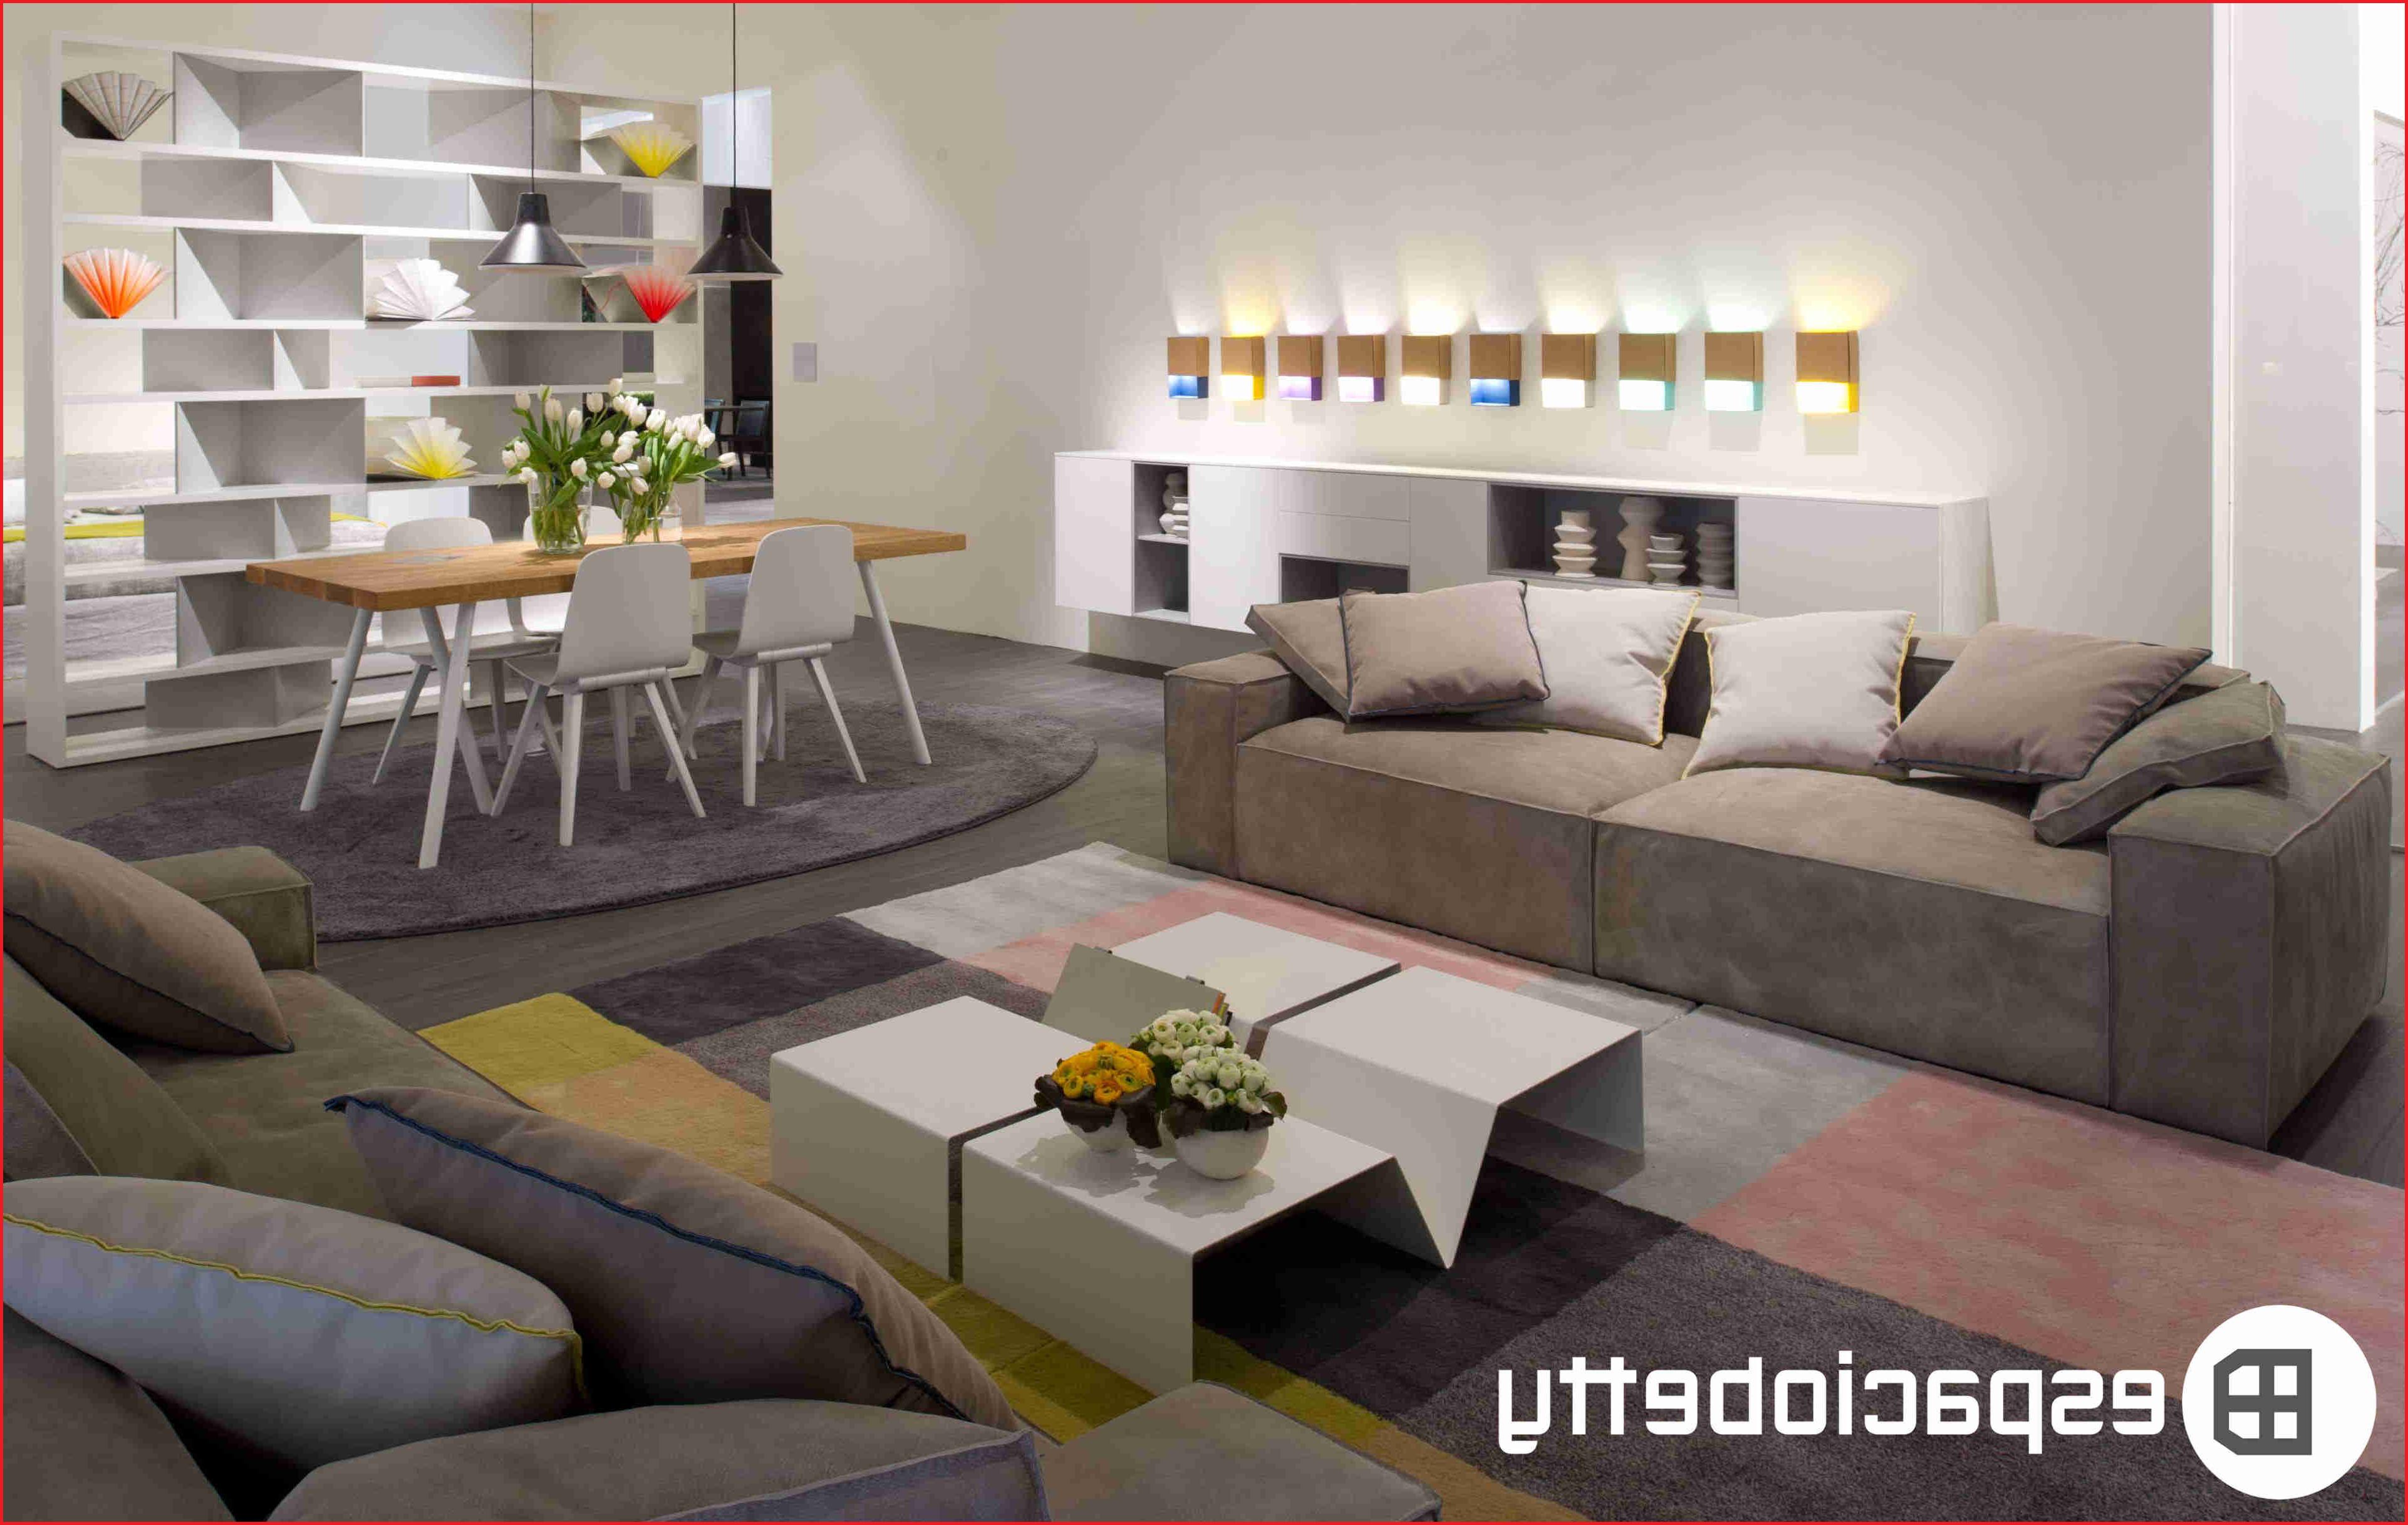 Muebles nordicos Modernos Dddy Muebles nordicos Madrid Noticias Y Actualidad En Nuestra